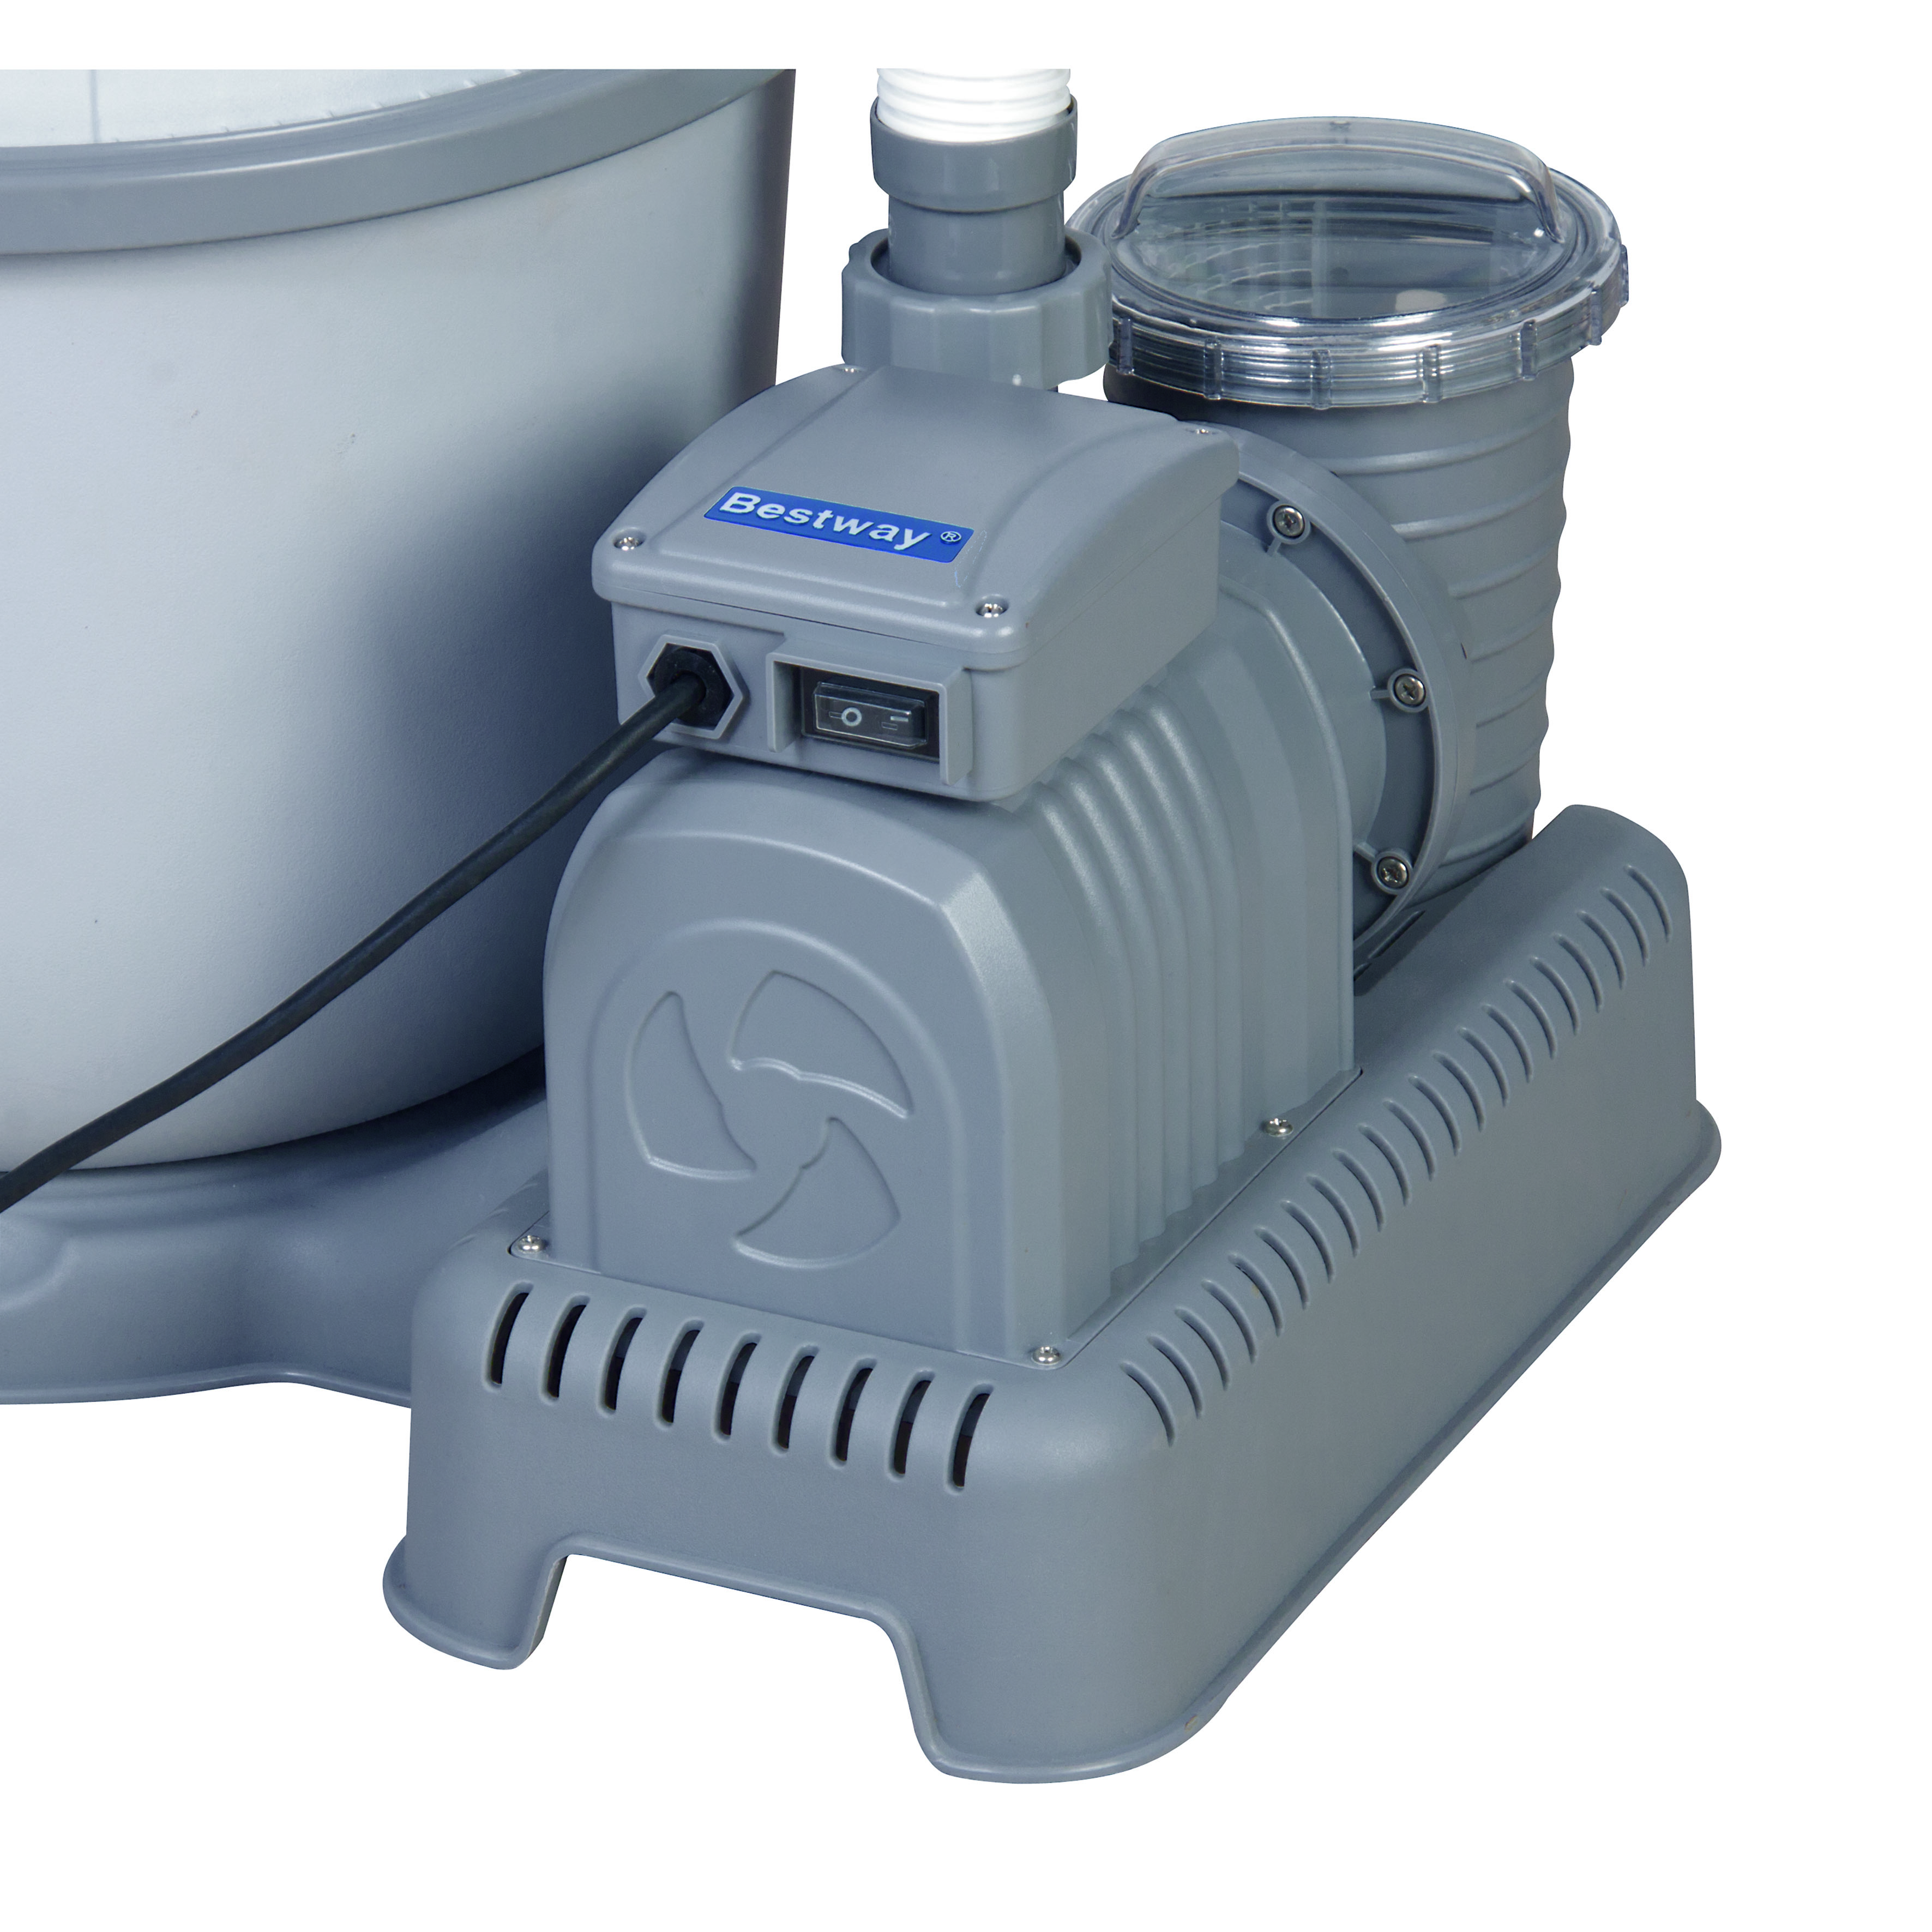 Fiche Produit Bestway 58400 Pool Part Accessory Pompe A Filtre De Sable Accessoires Pour Piscine 58400